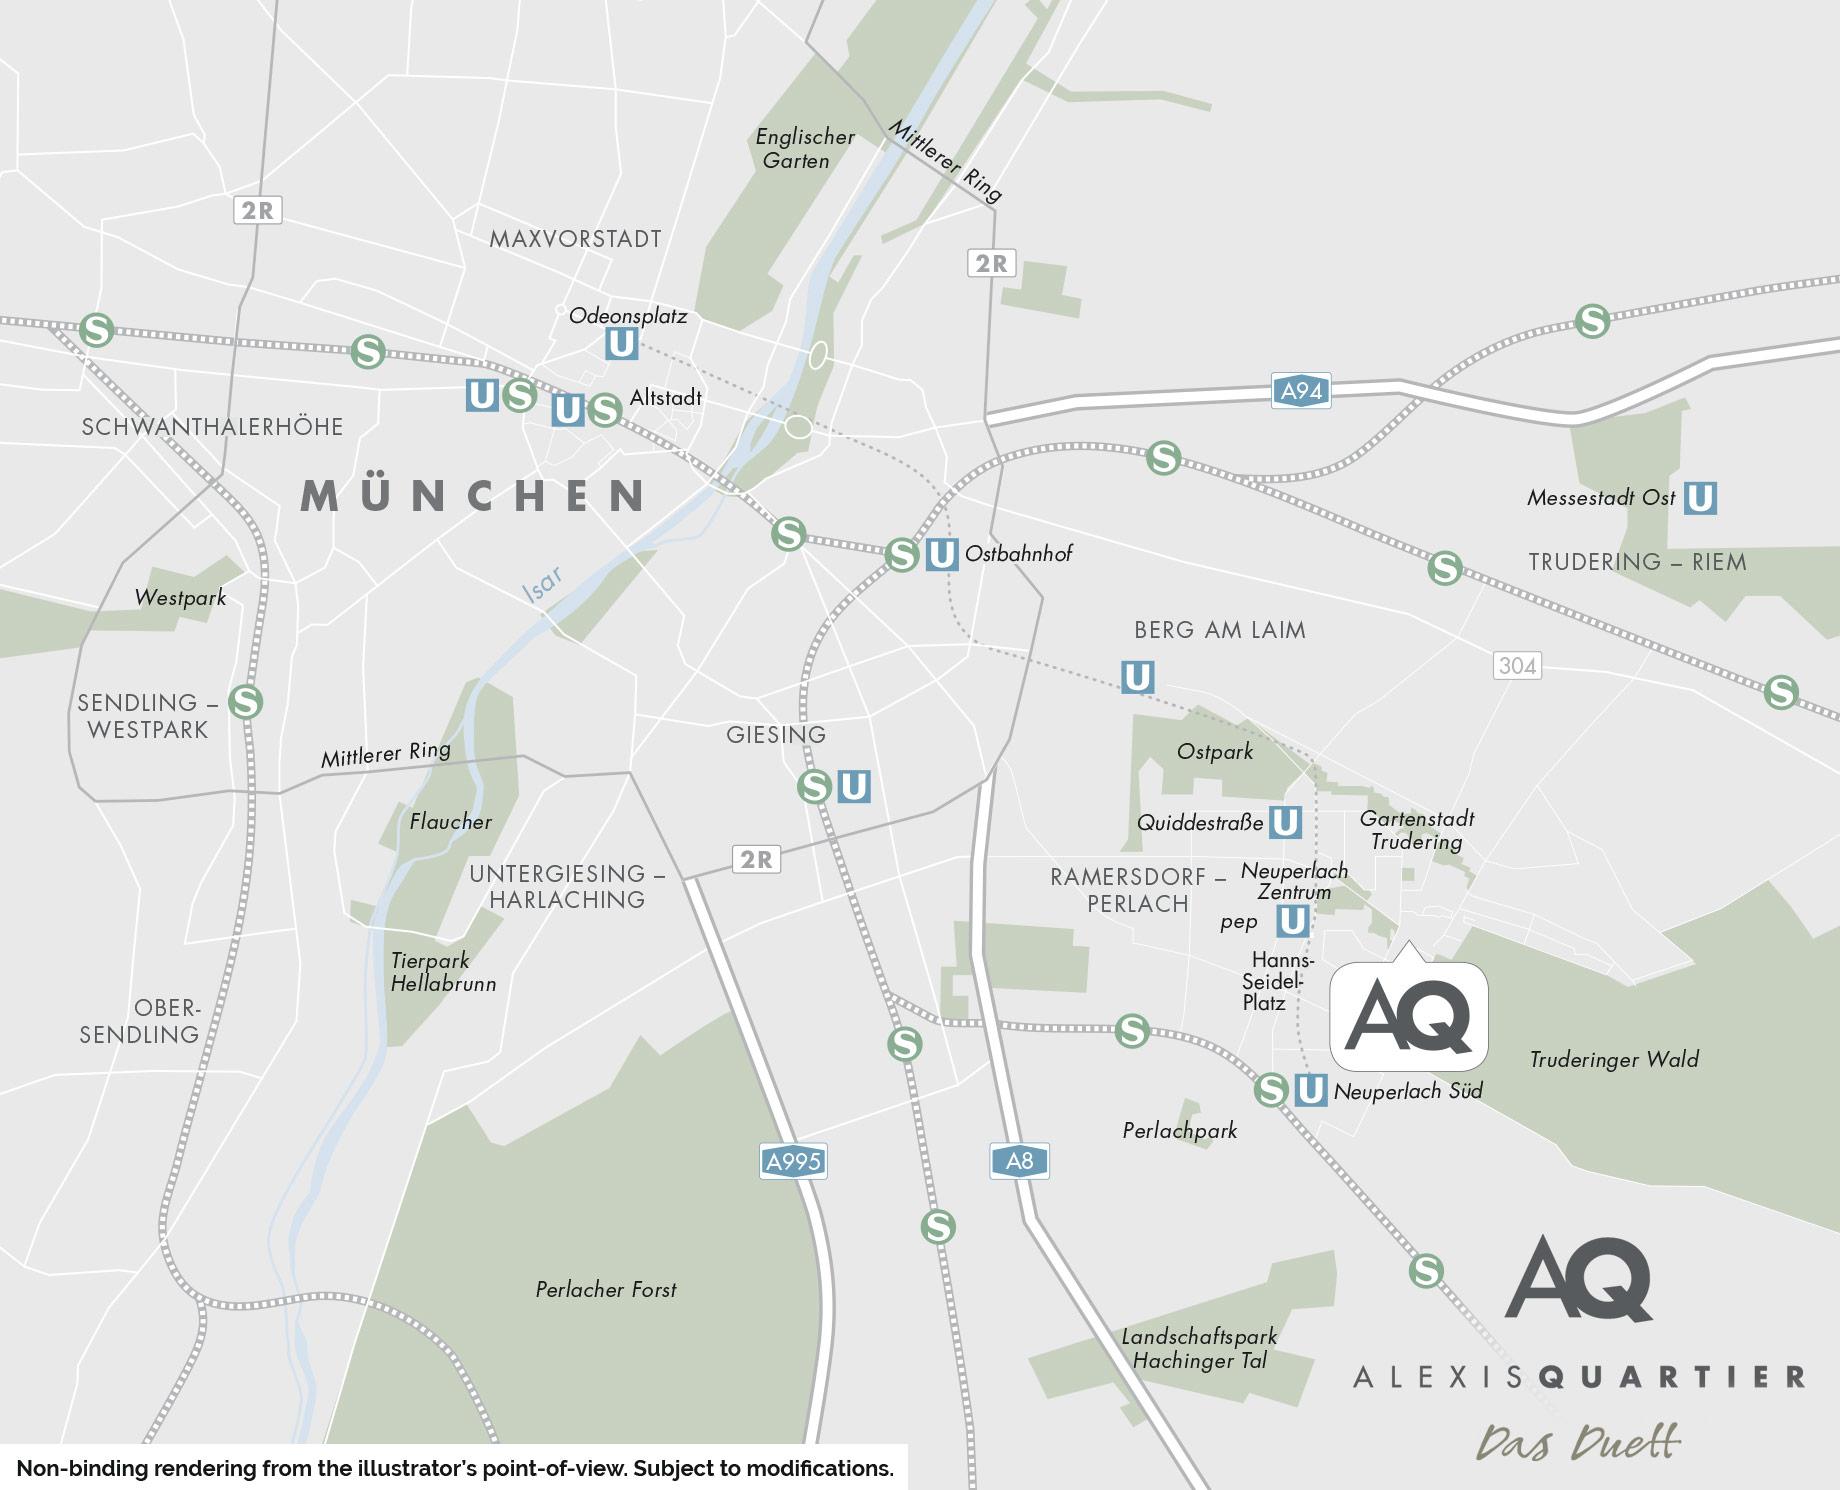 Condominiums Alexisquartier - Das Duett - City map 1